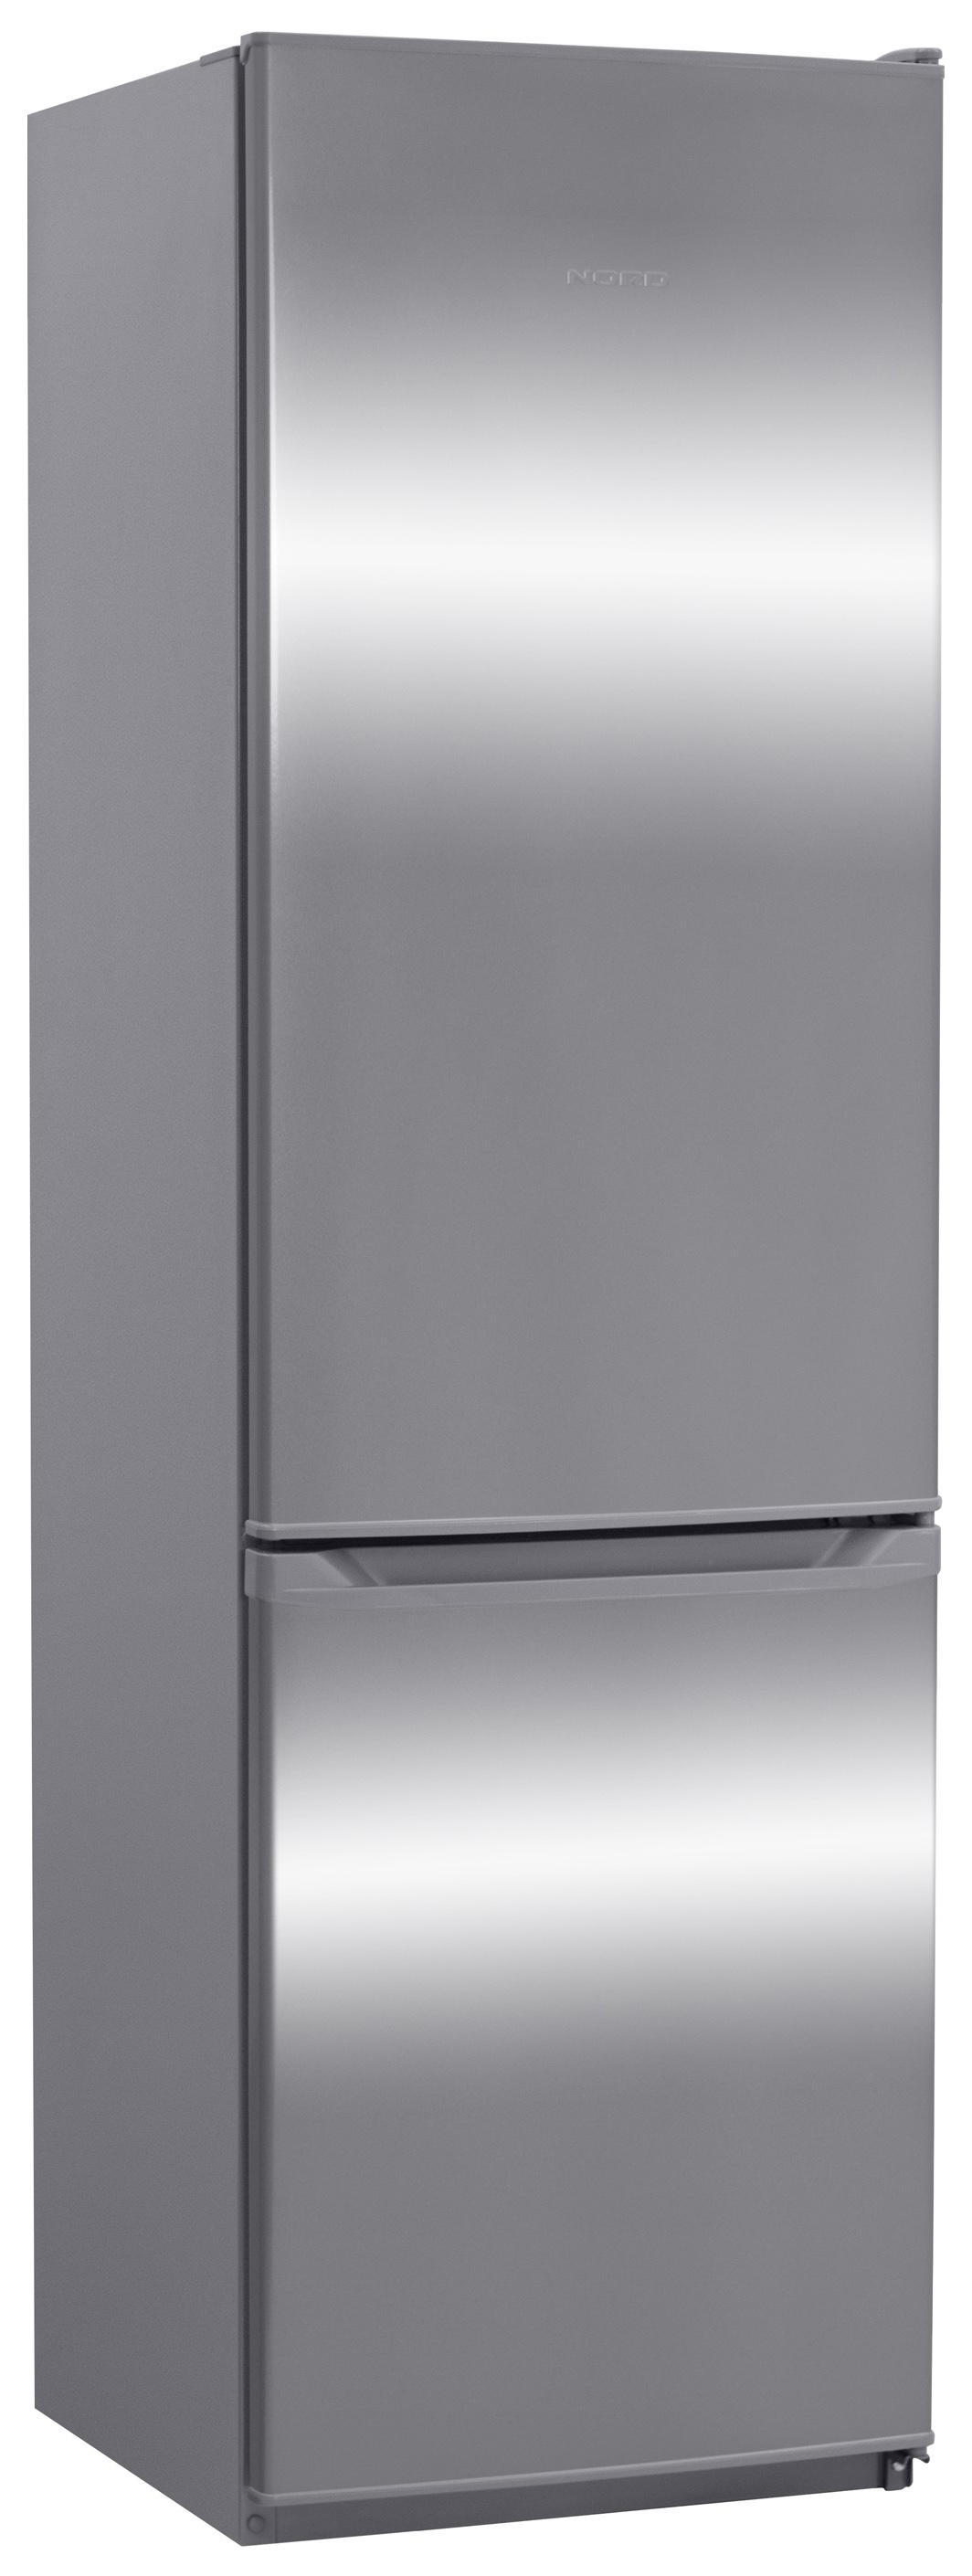 Холодильник NORD NRB 120 932 Silver